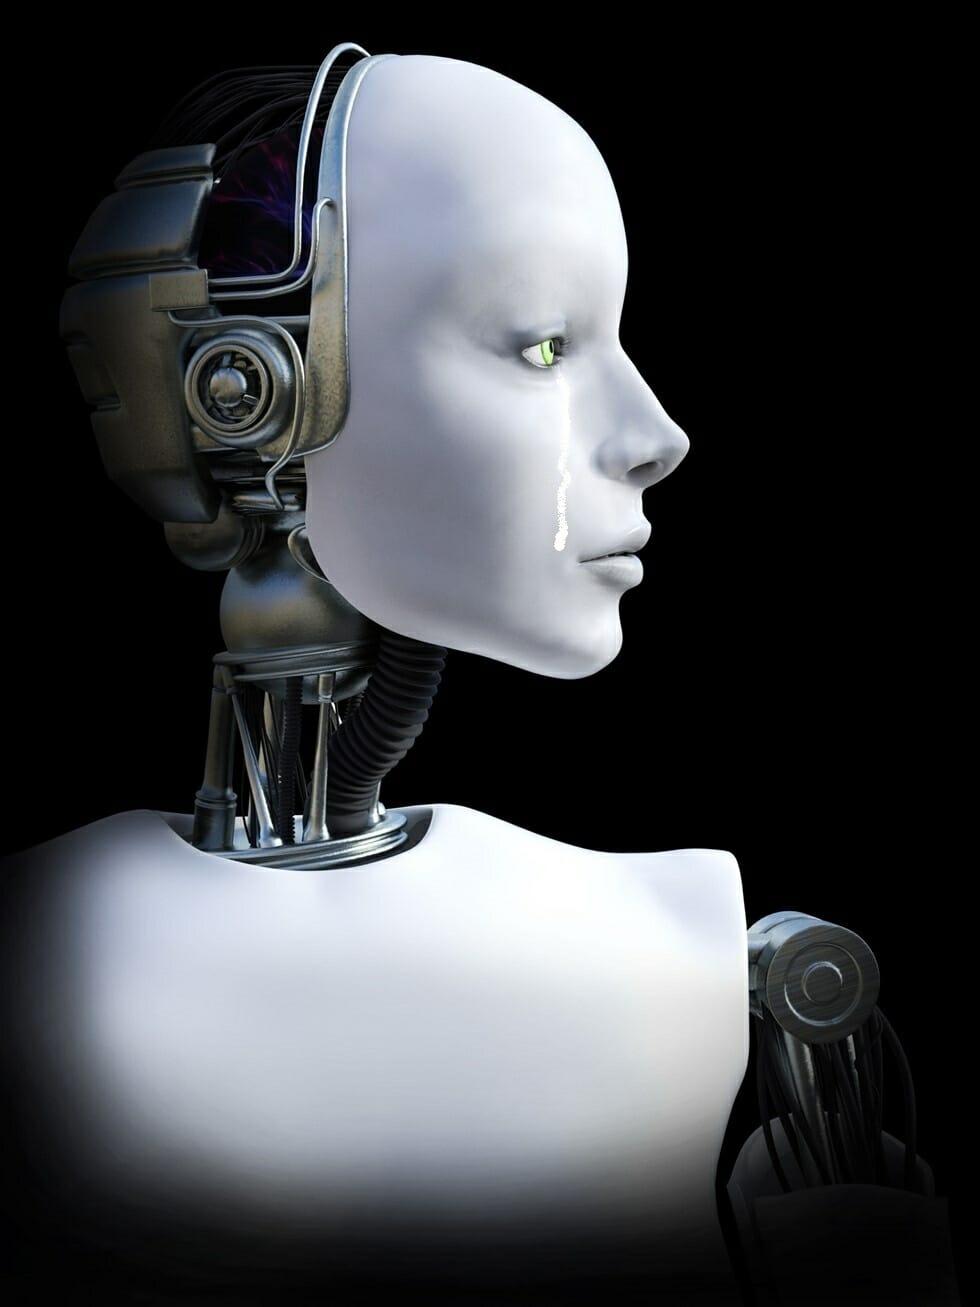 涙を流すロボットの写真